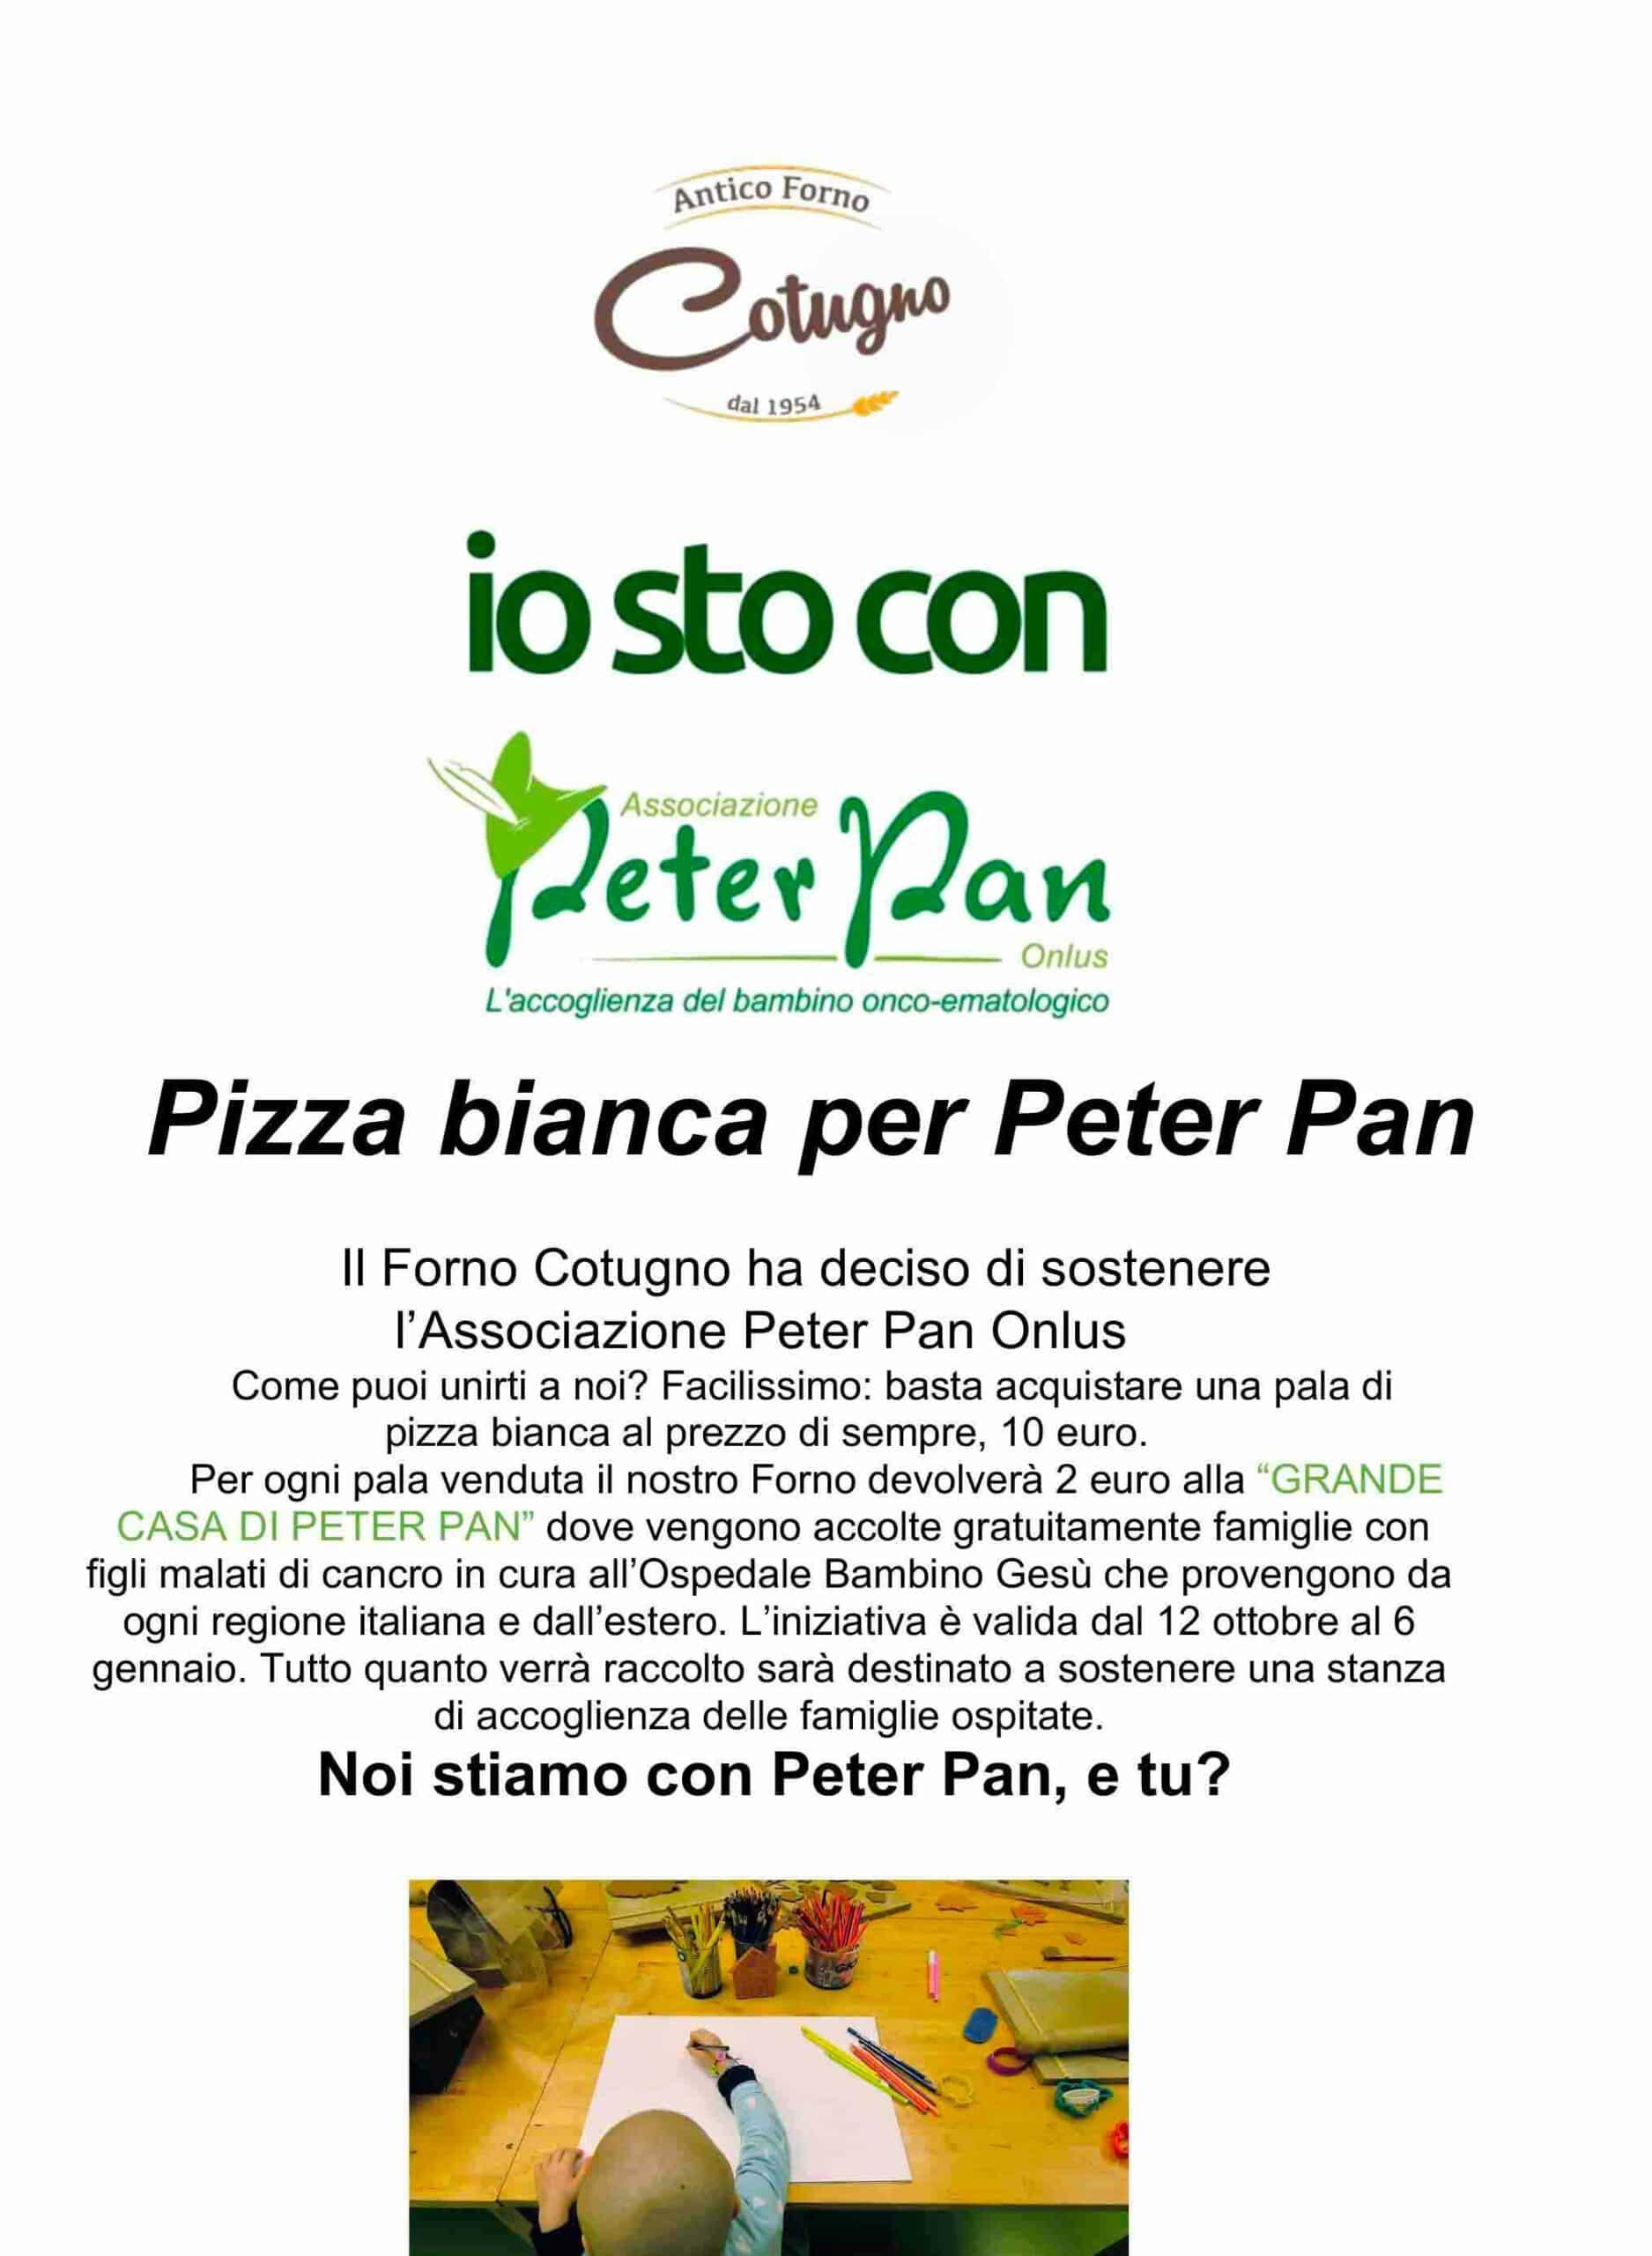 Antico Forno Cotugno raccolta fondi a sostegno di Peter Pan